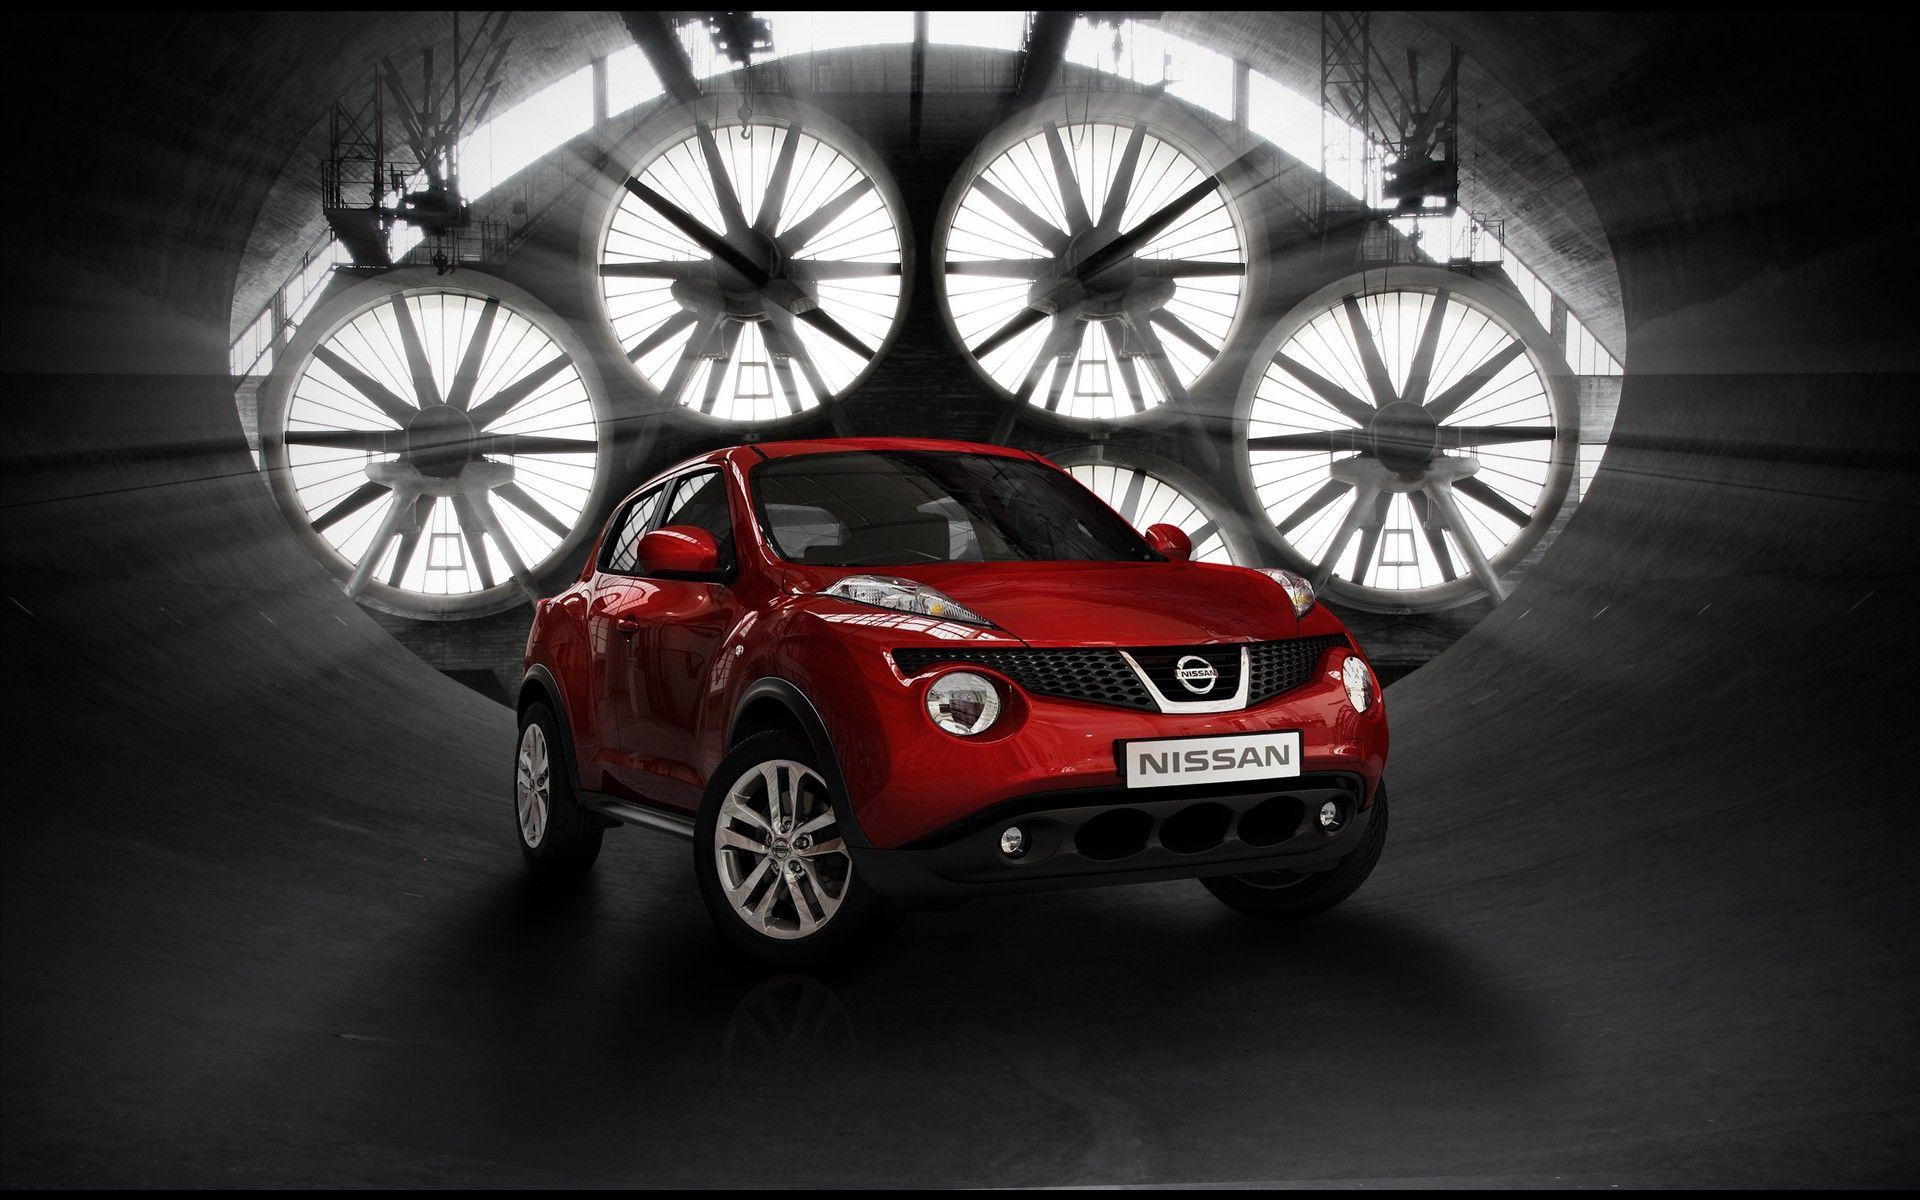 Nissan Juke Free Download Picture Hd Desktop Wallpaper Instagram